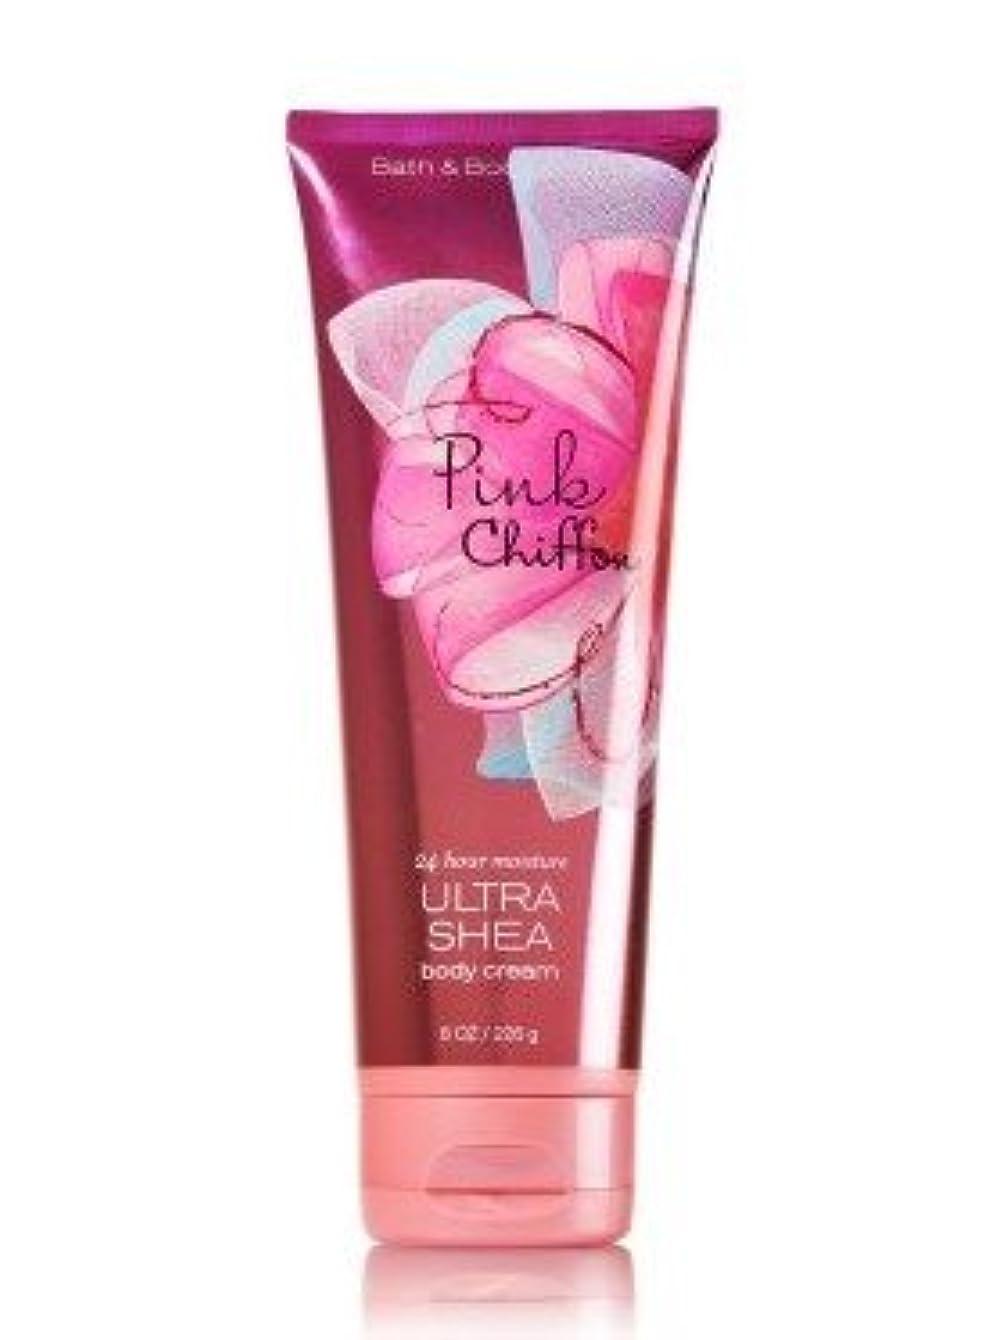 シーズンびん樫の木【Bath&Body Works/バス&ボディワークス】 ボディクリーム ピンクシフォン Ultra Shea Body Cream Pink Chiffon 8 oz / 226 g [並行輸入品]